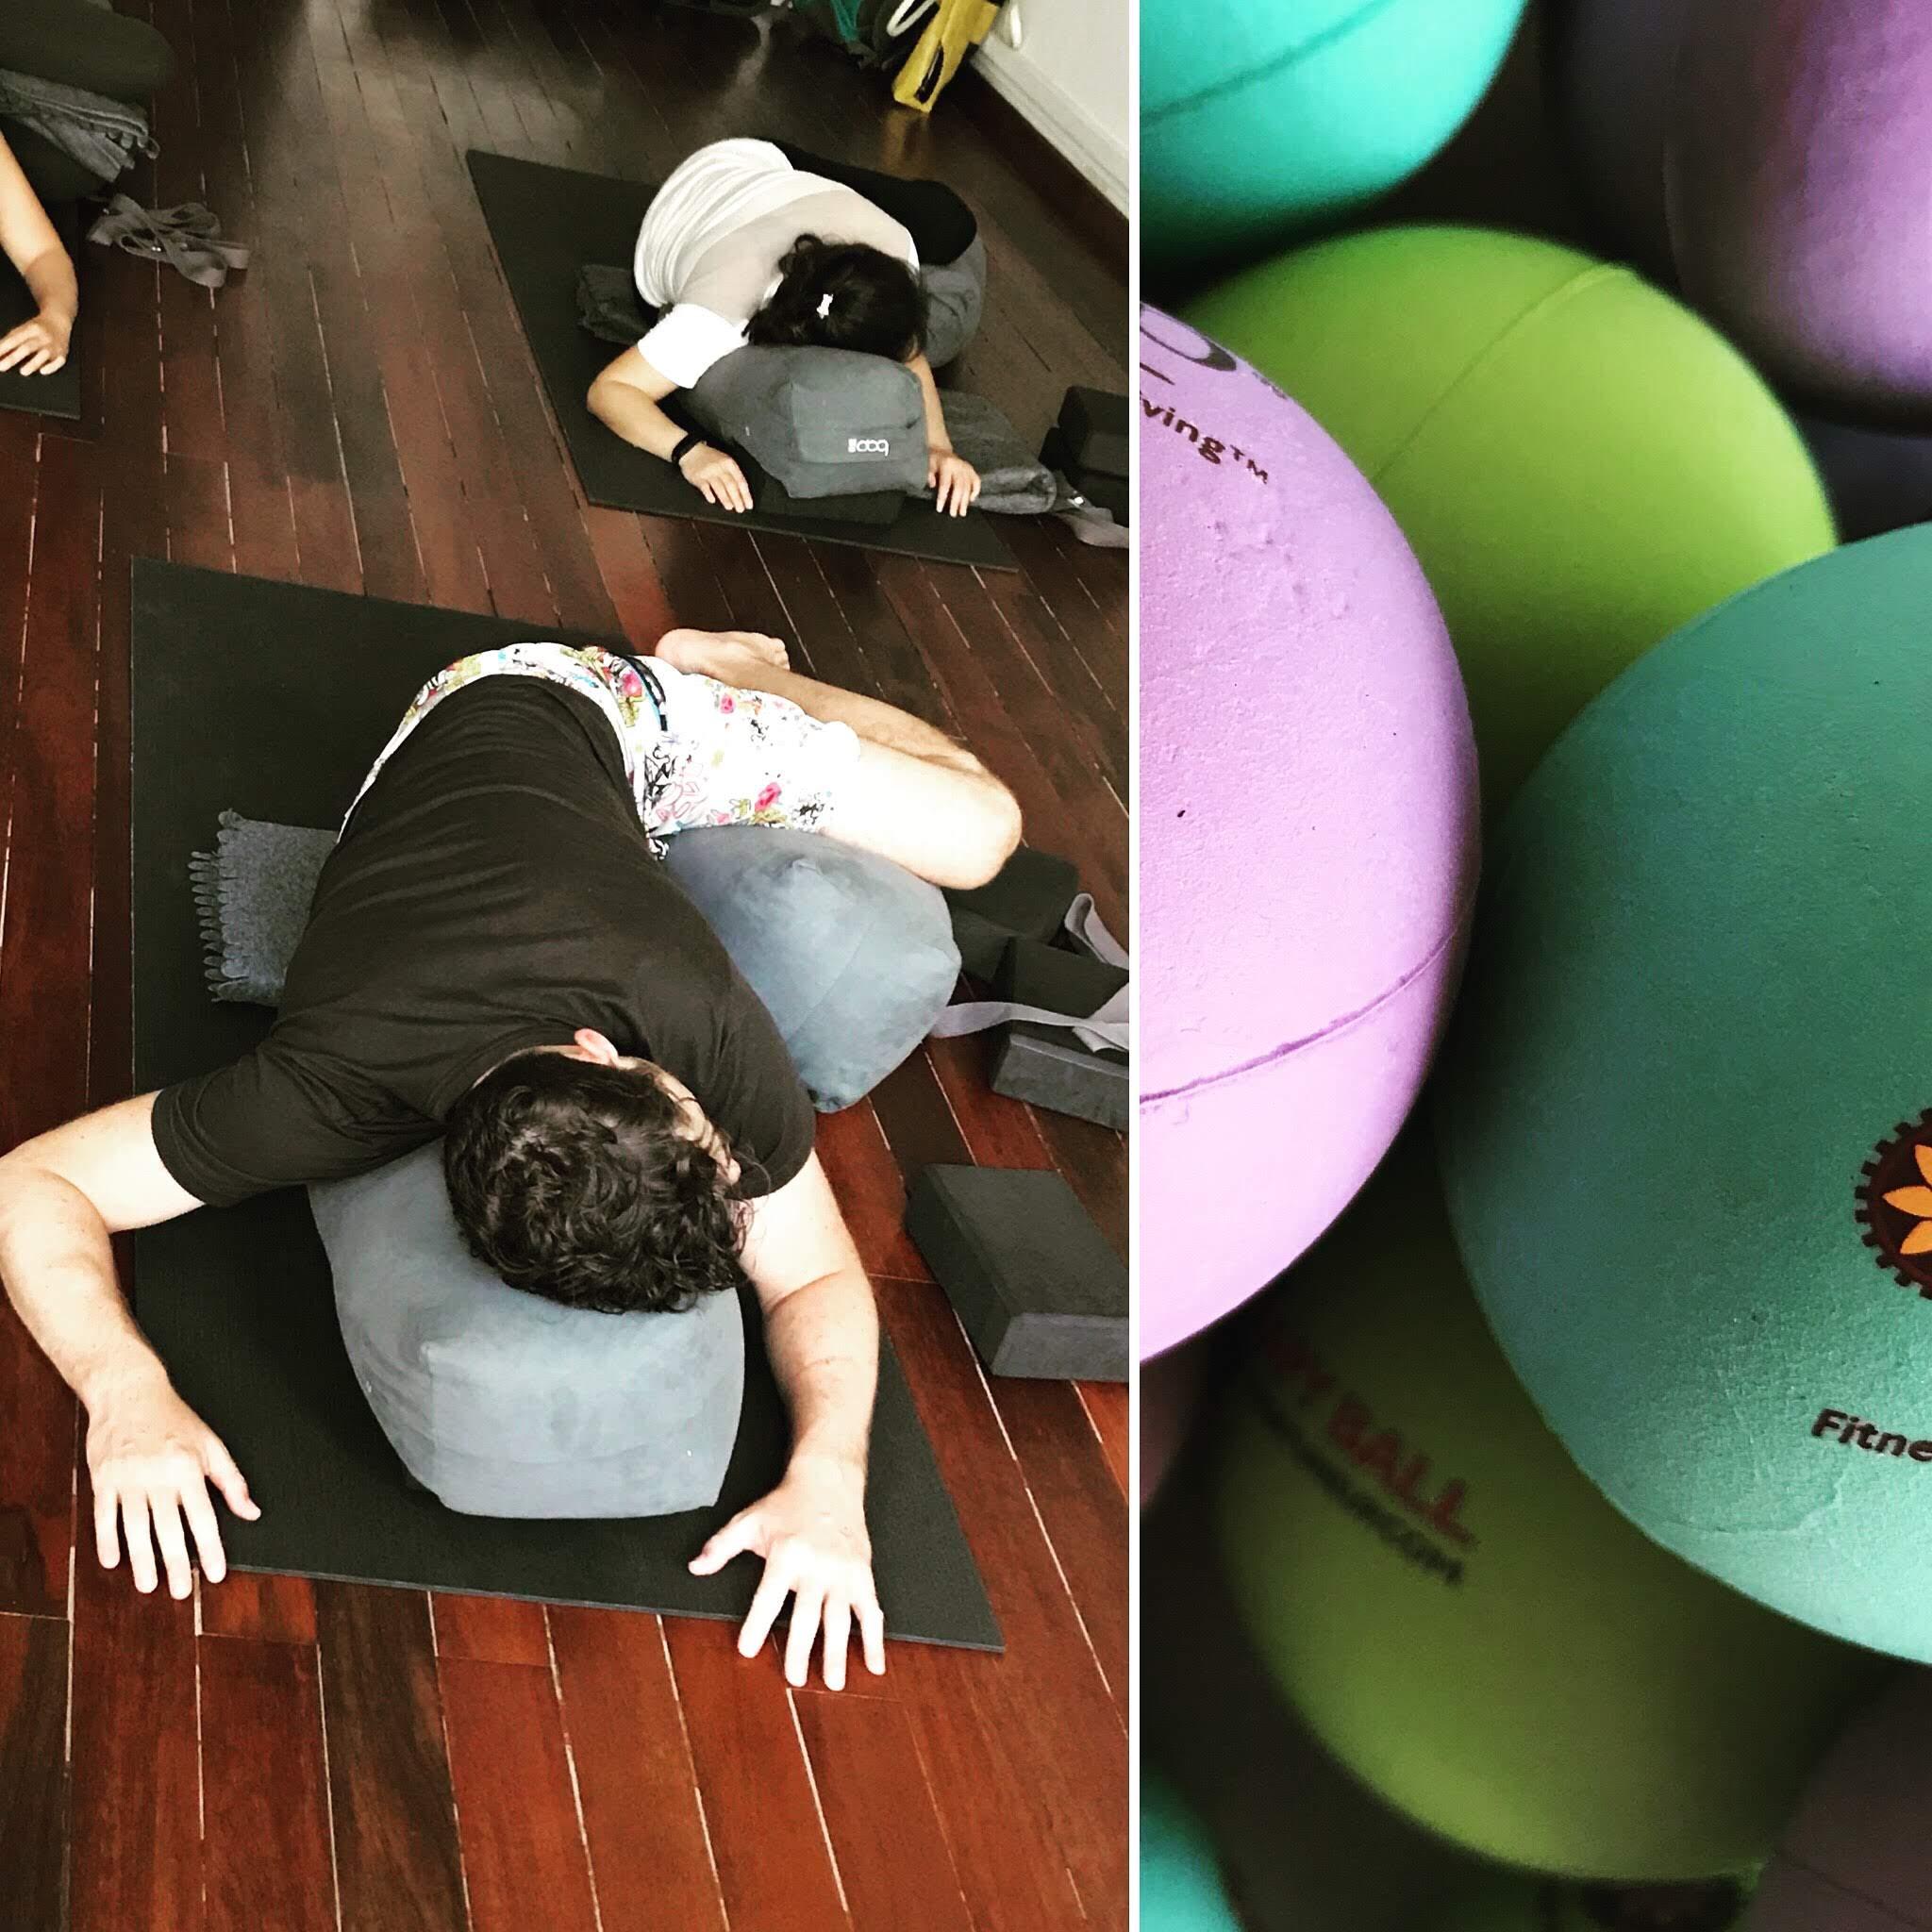 Ateliers yoga à Genève - Laurence votre professeur de Yoga lors d'un atelier yoga - consultez aussi nos cours de yoga à Genève